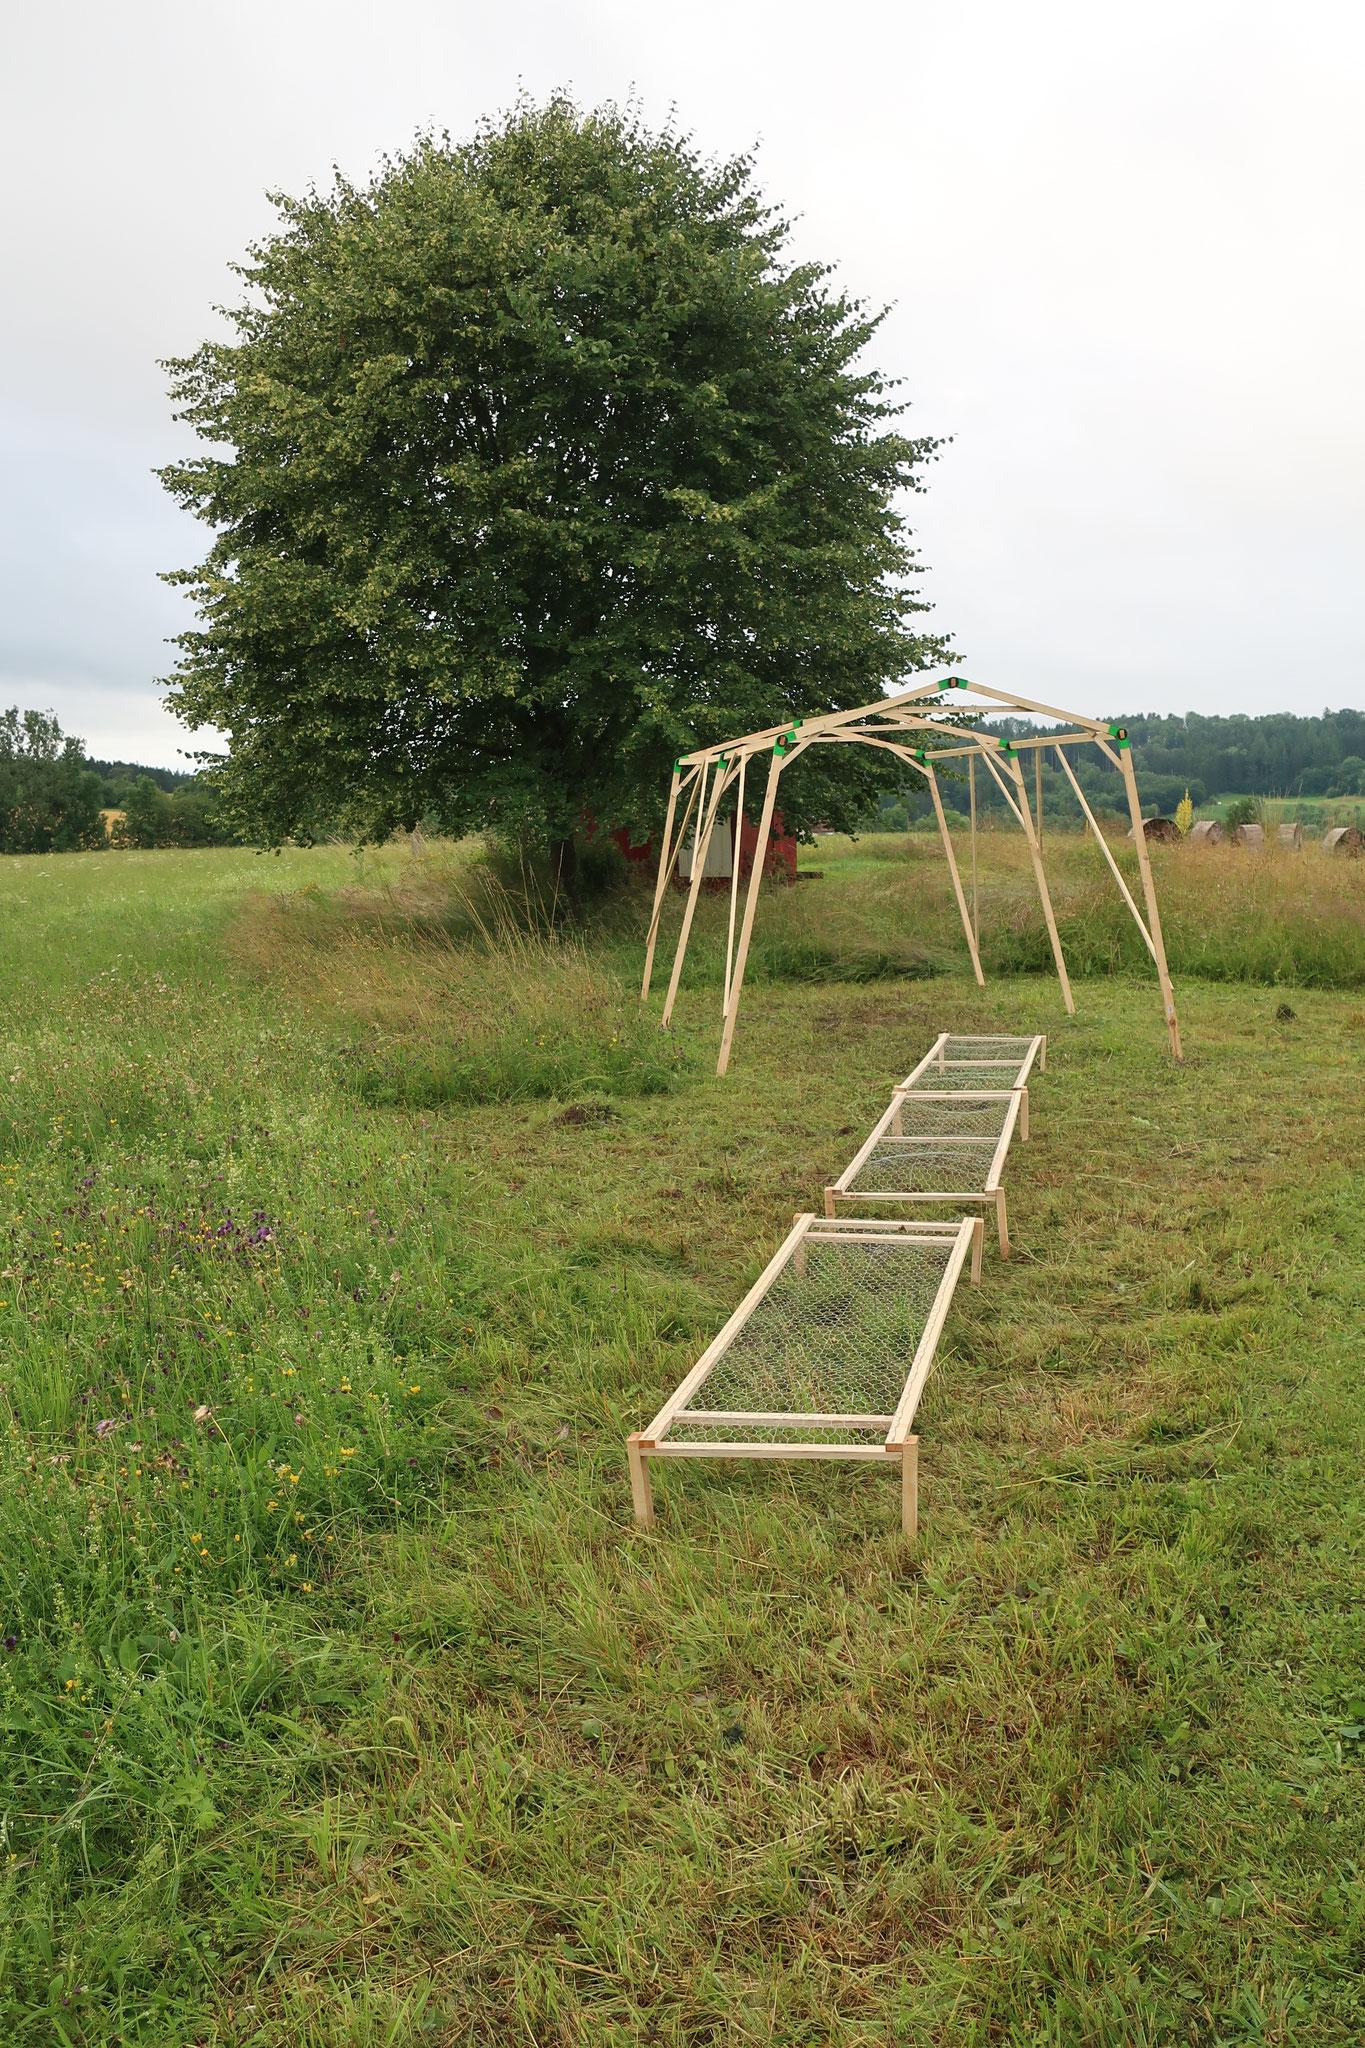 mähen 1_Dokumentation_Prozess mit diversen Materialien_Symposium Natur-Kunst-Leben_Kunsthalle Kleinschönach_2021_Britta Frechen